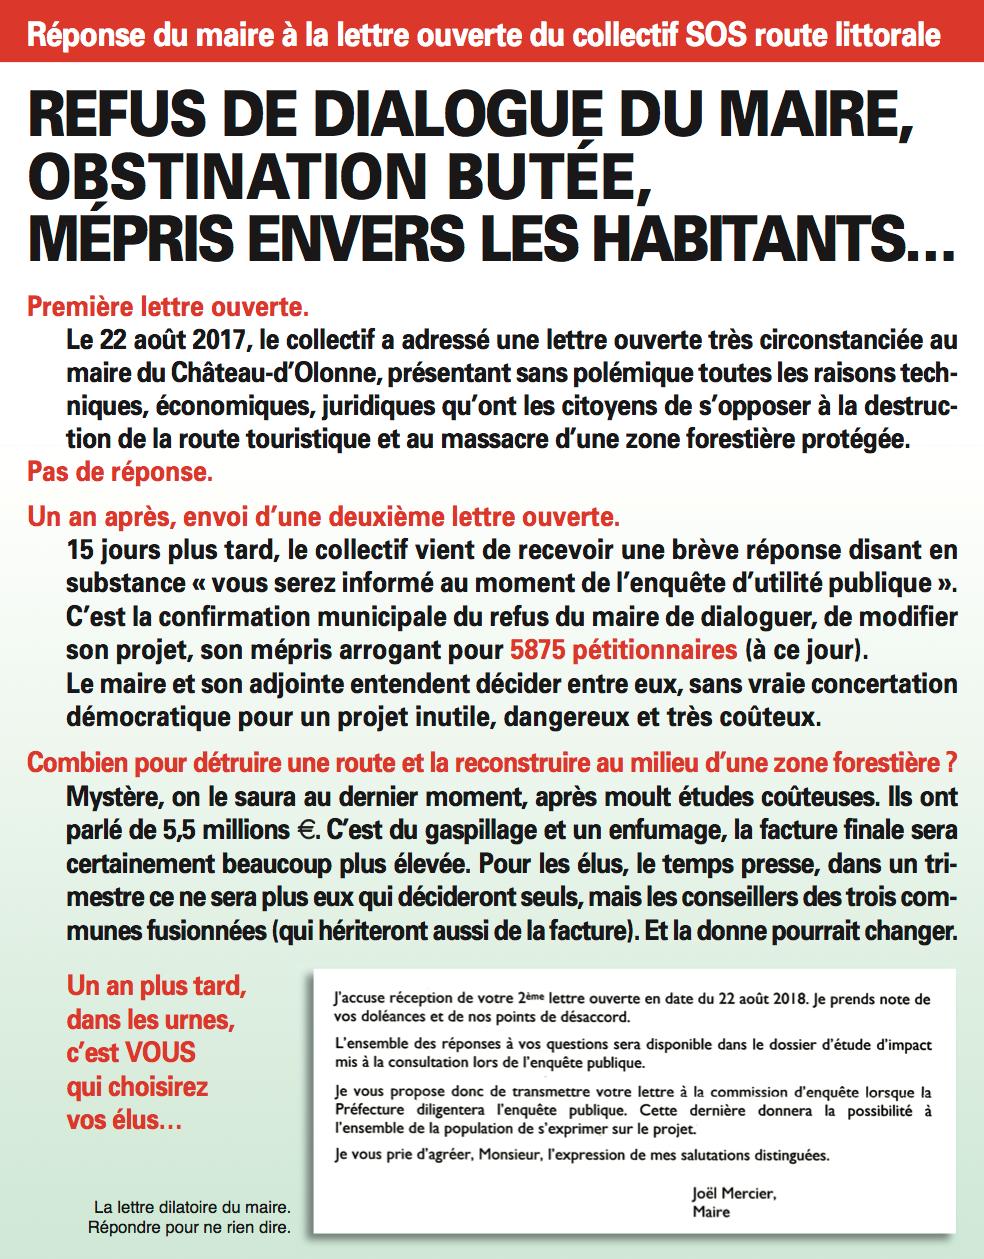 ROUTE LITTORALE À CHÂTEAU D'OLONNE : SA FERMETURE, PROJET DU MAIRE REJETÉ PAR LA POPULATION